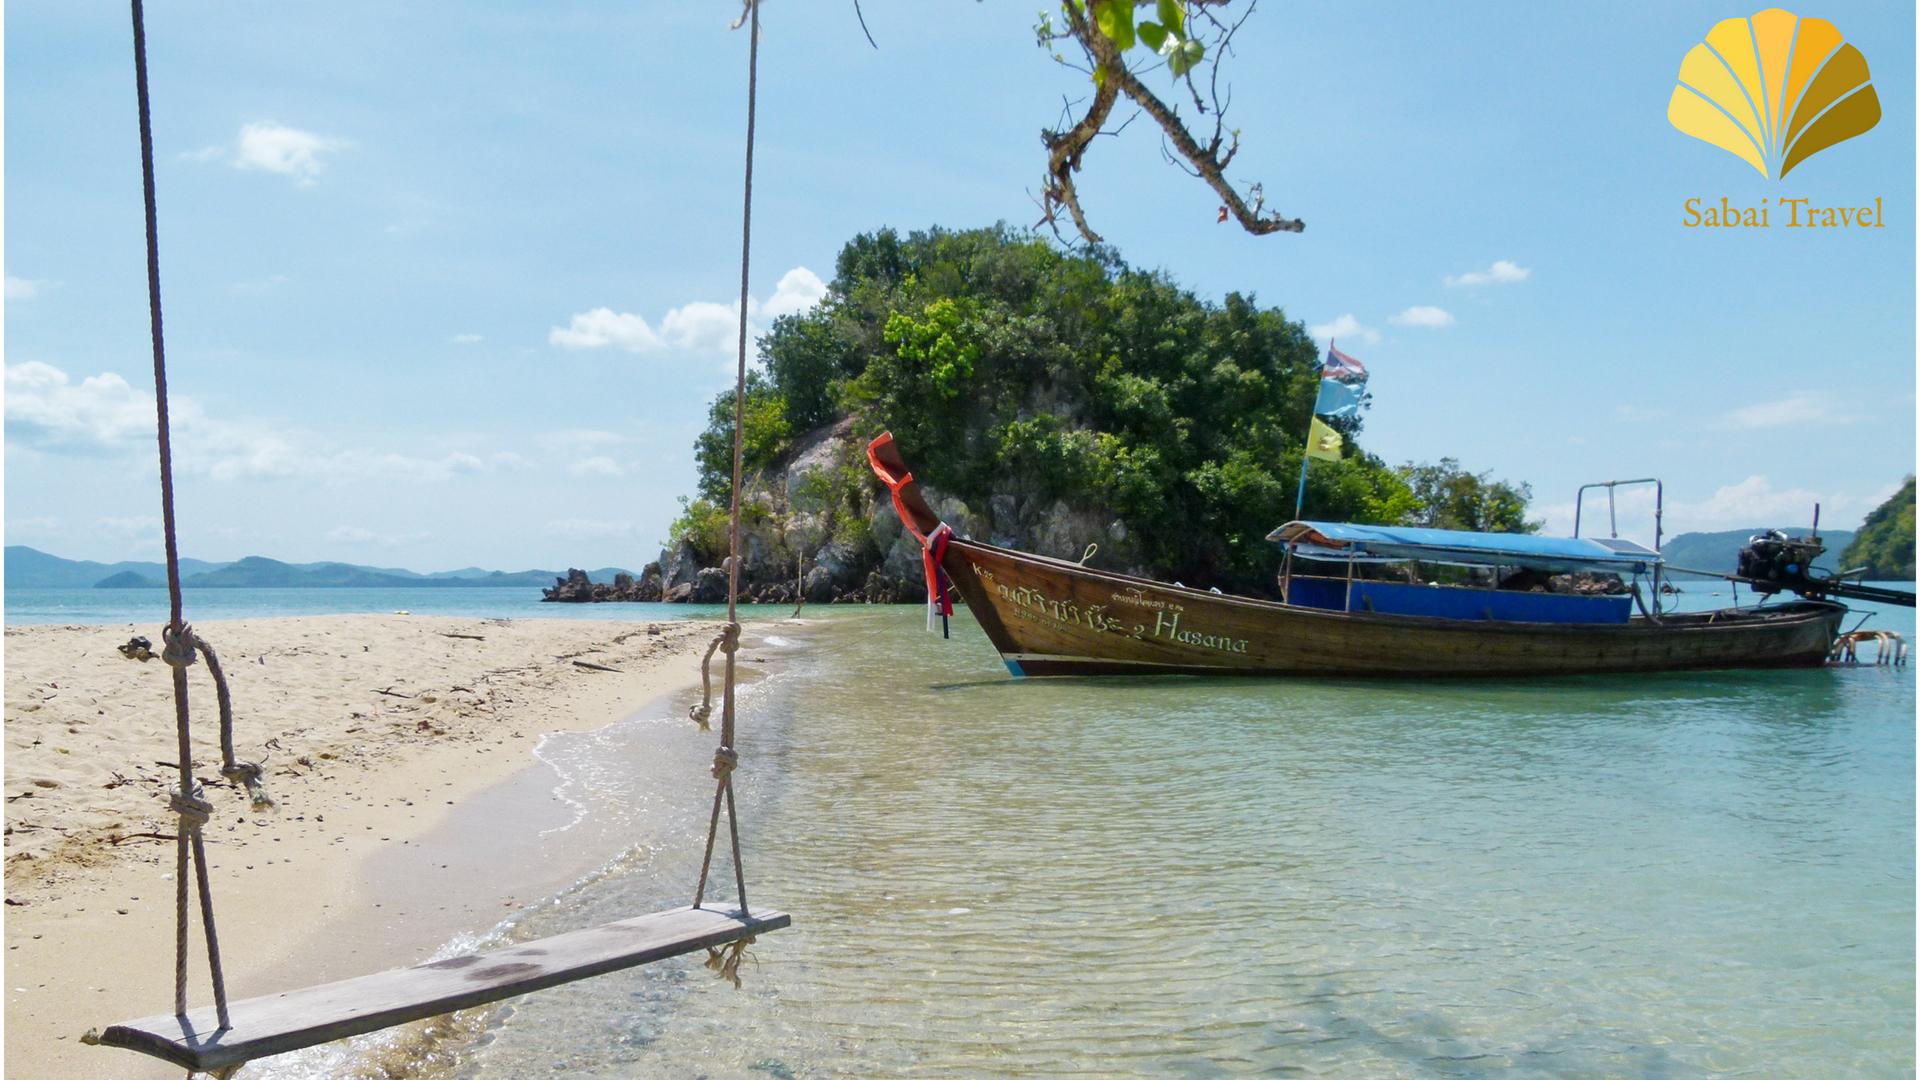 tajland, sabai2